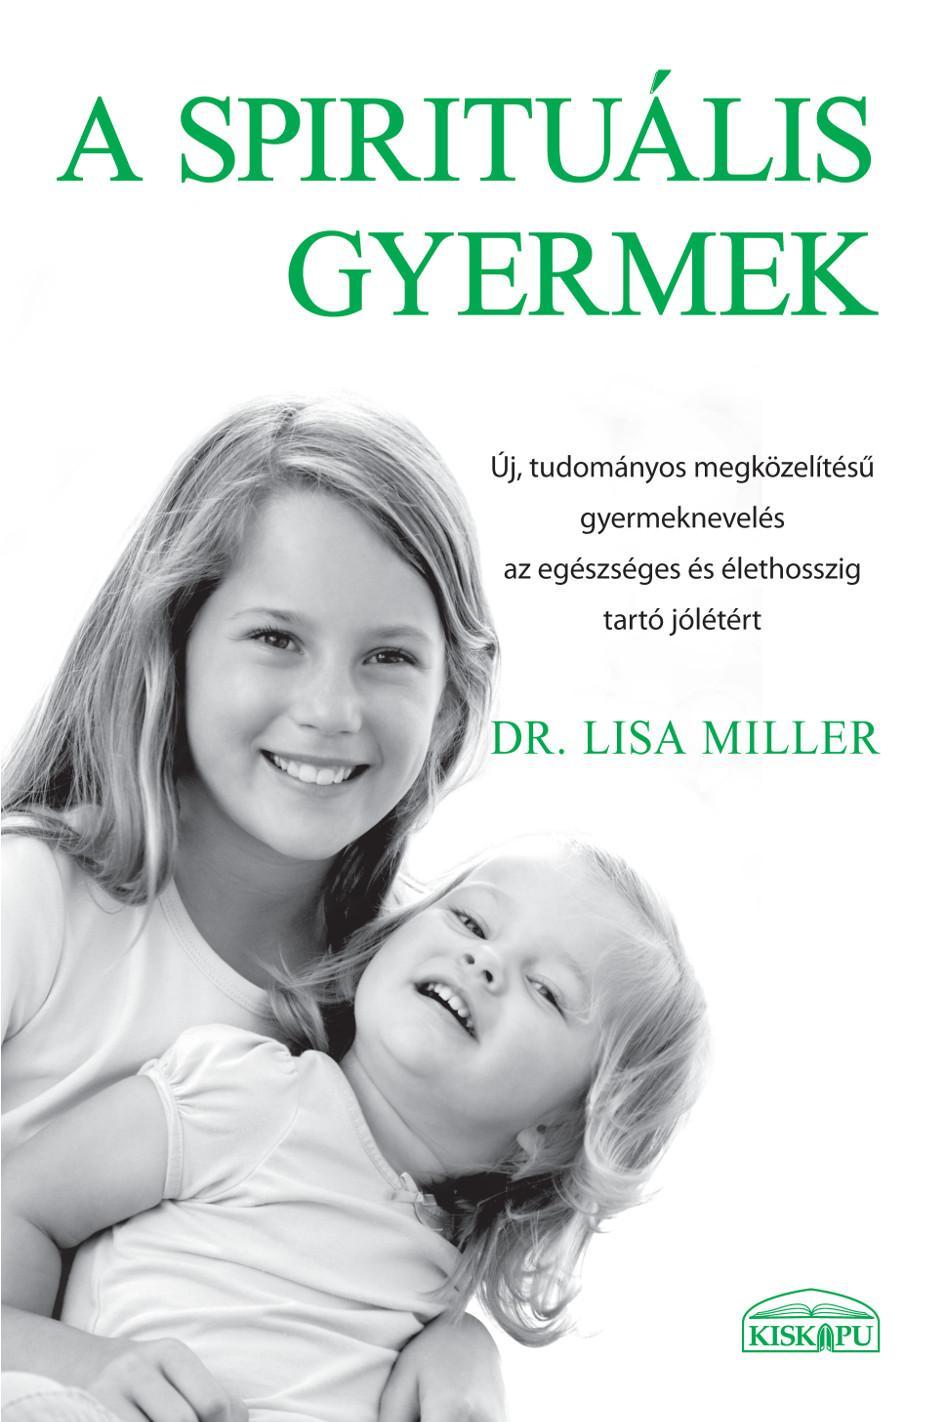 MILLER, LISA  DR. - A SPIRITUÁLIS GYERMEK